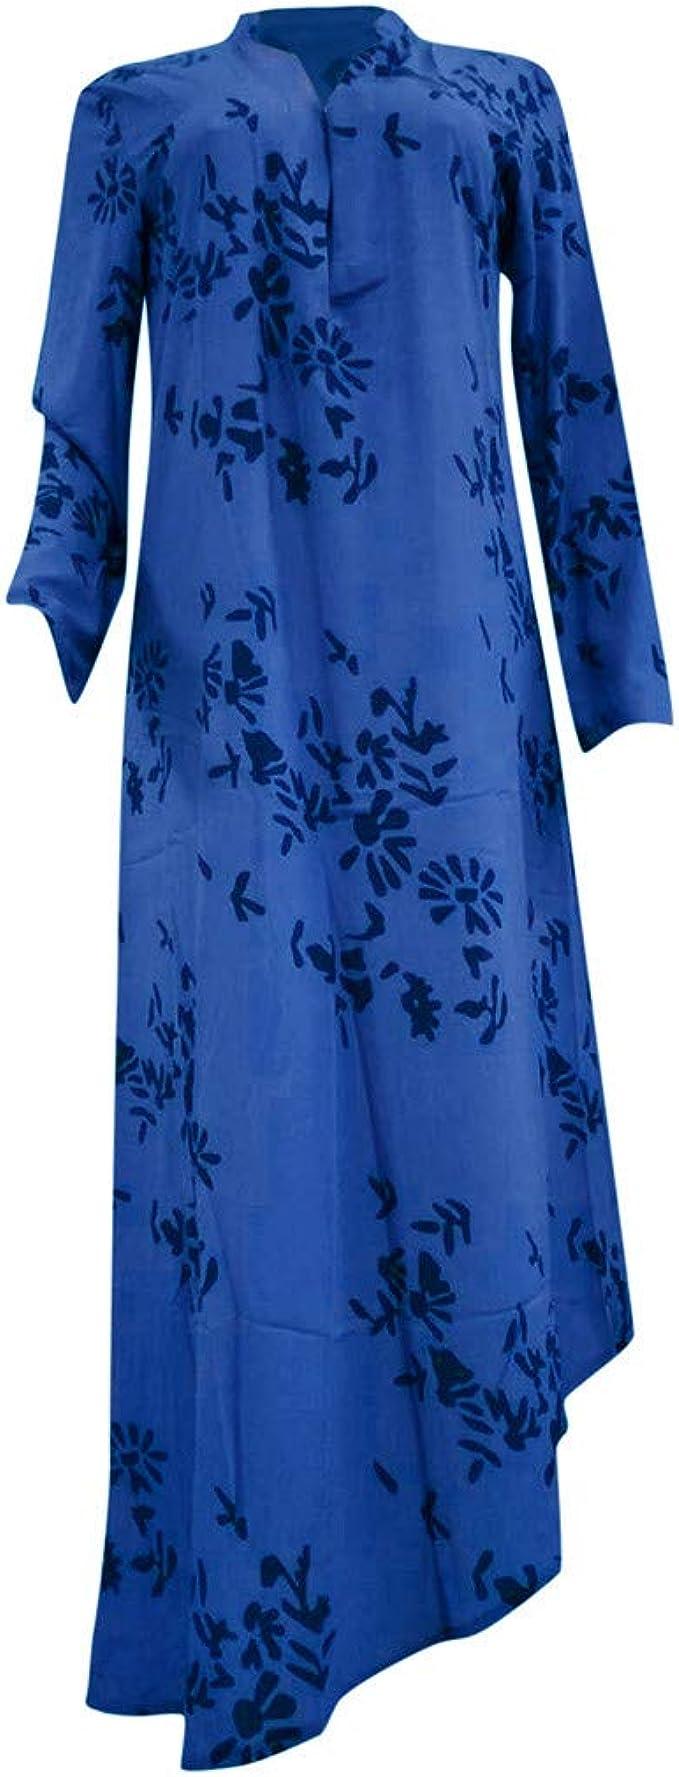 Feifish Robe Blanche Robe De Soiree Longue Ceremonie Femme Boheme Kaftan Robe Longue Maxi Coton Col V Mangches Longue Imprime Floral Tunique Robe Vrac